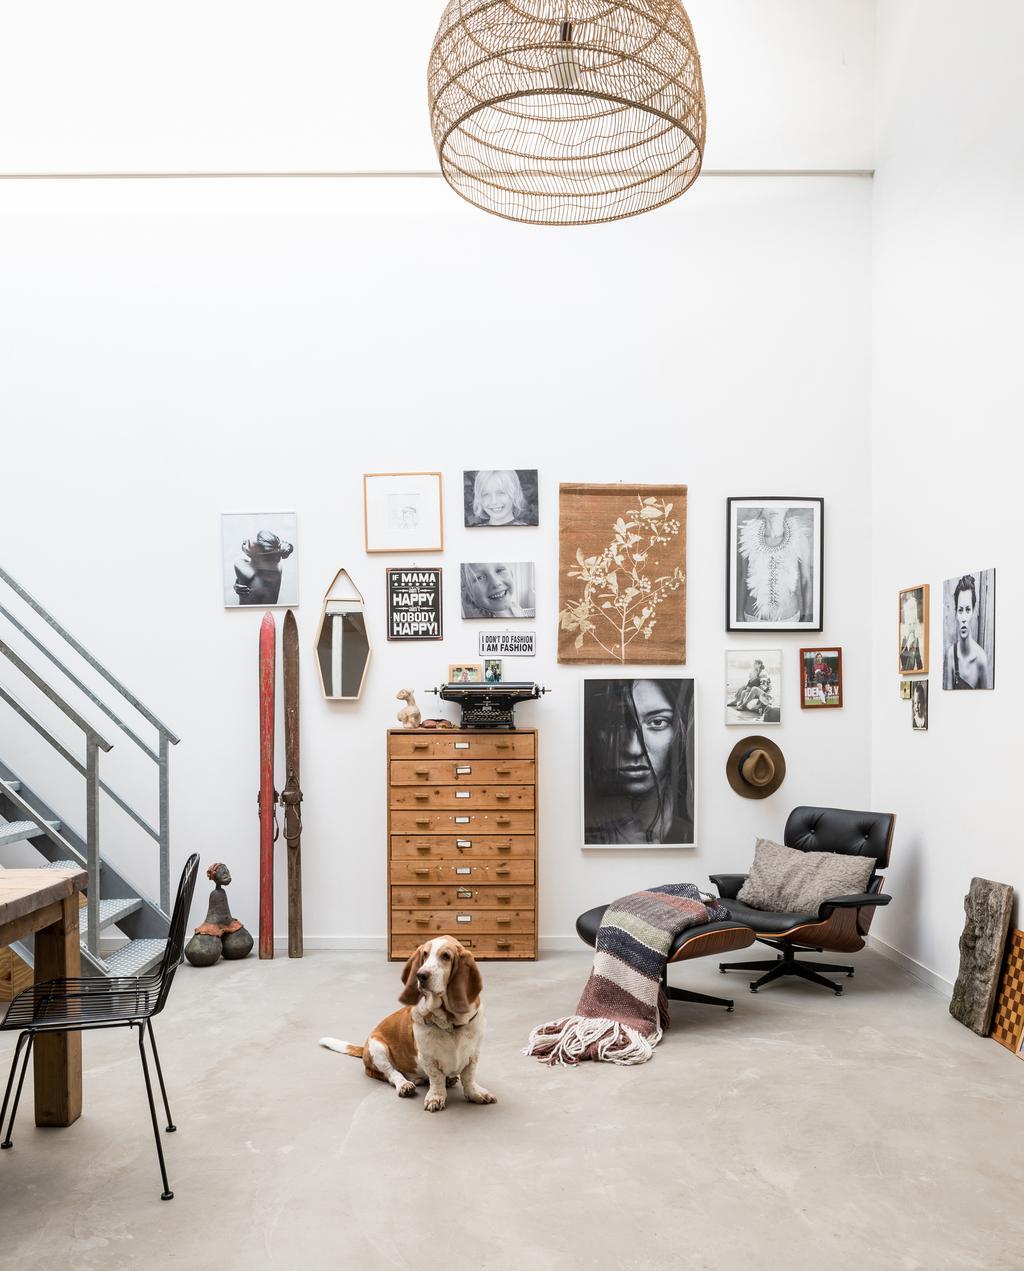 vtwonen 09-2019 | Hal van het Zuivelhuis gevuld met posters en decoratie